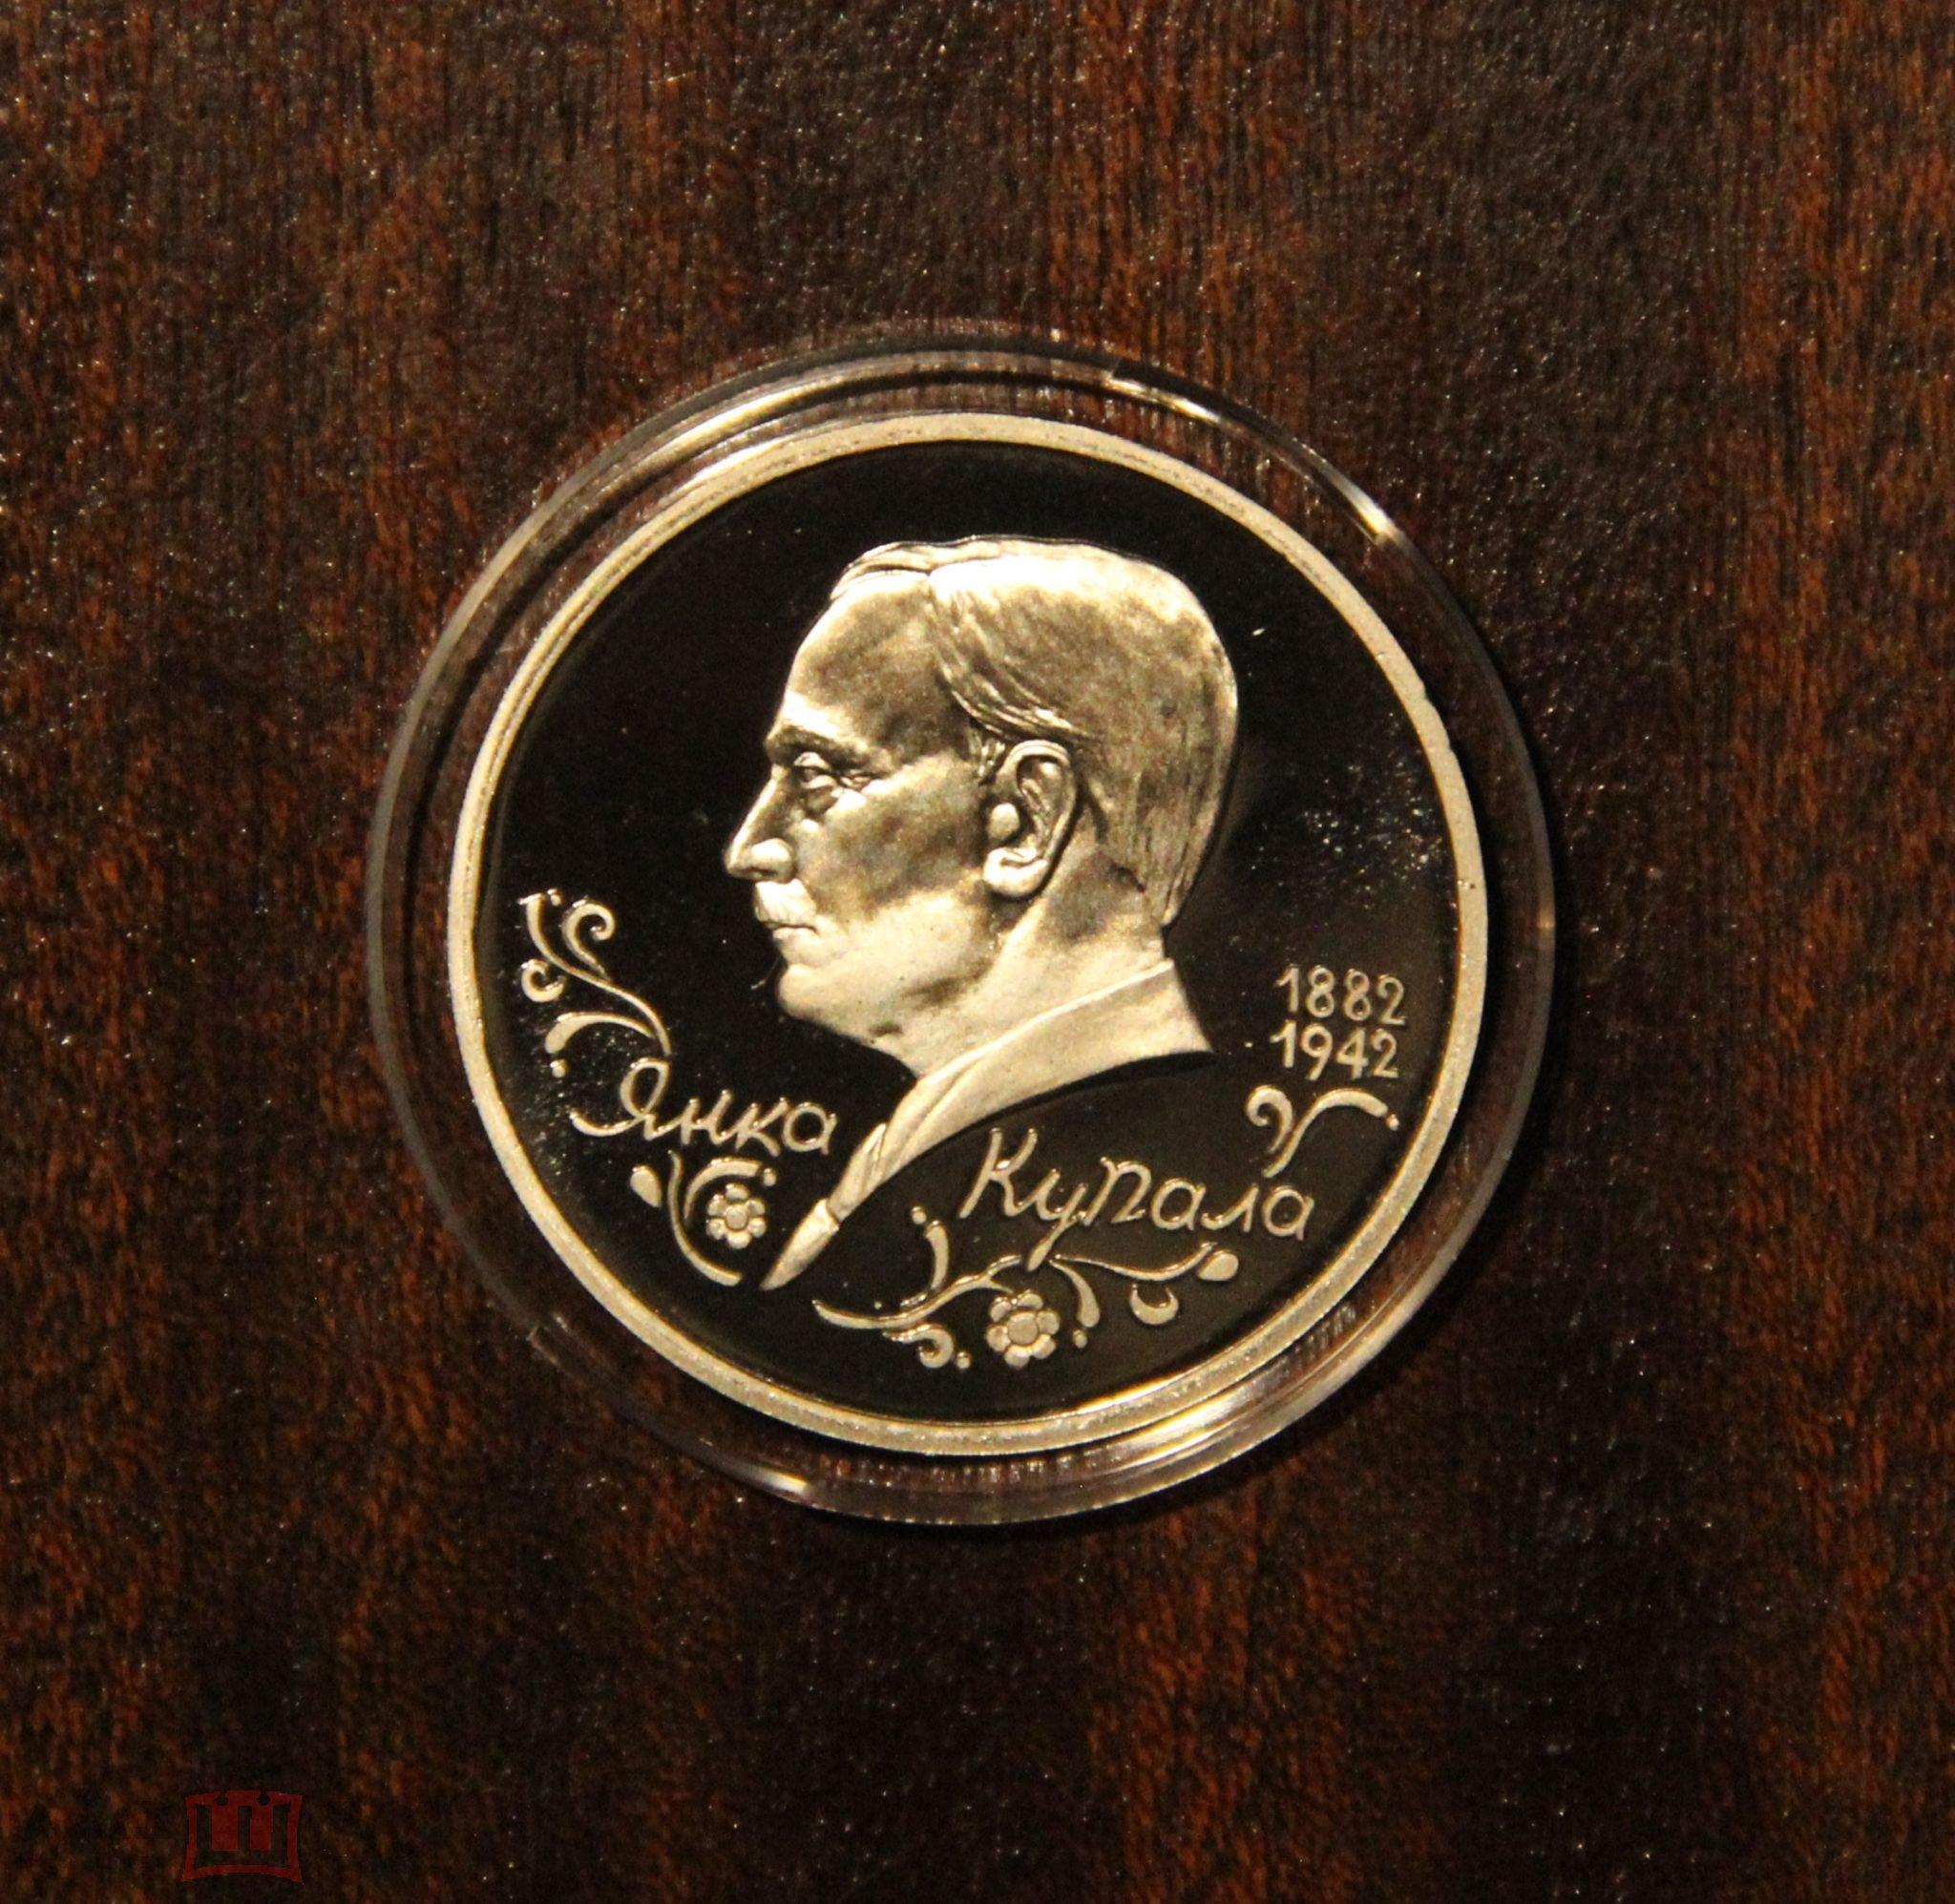 1 рубль 1992 янка купала цена сколько стоит 3 копейки 1957 года